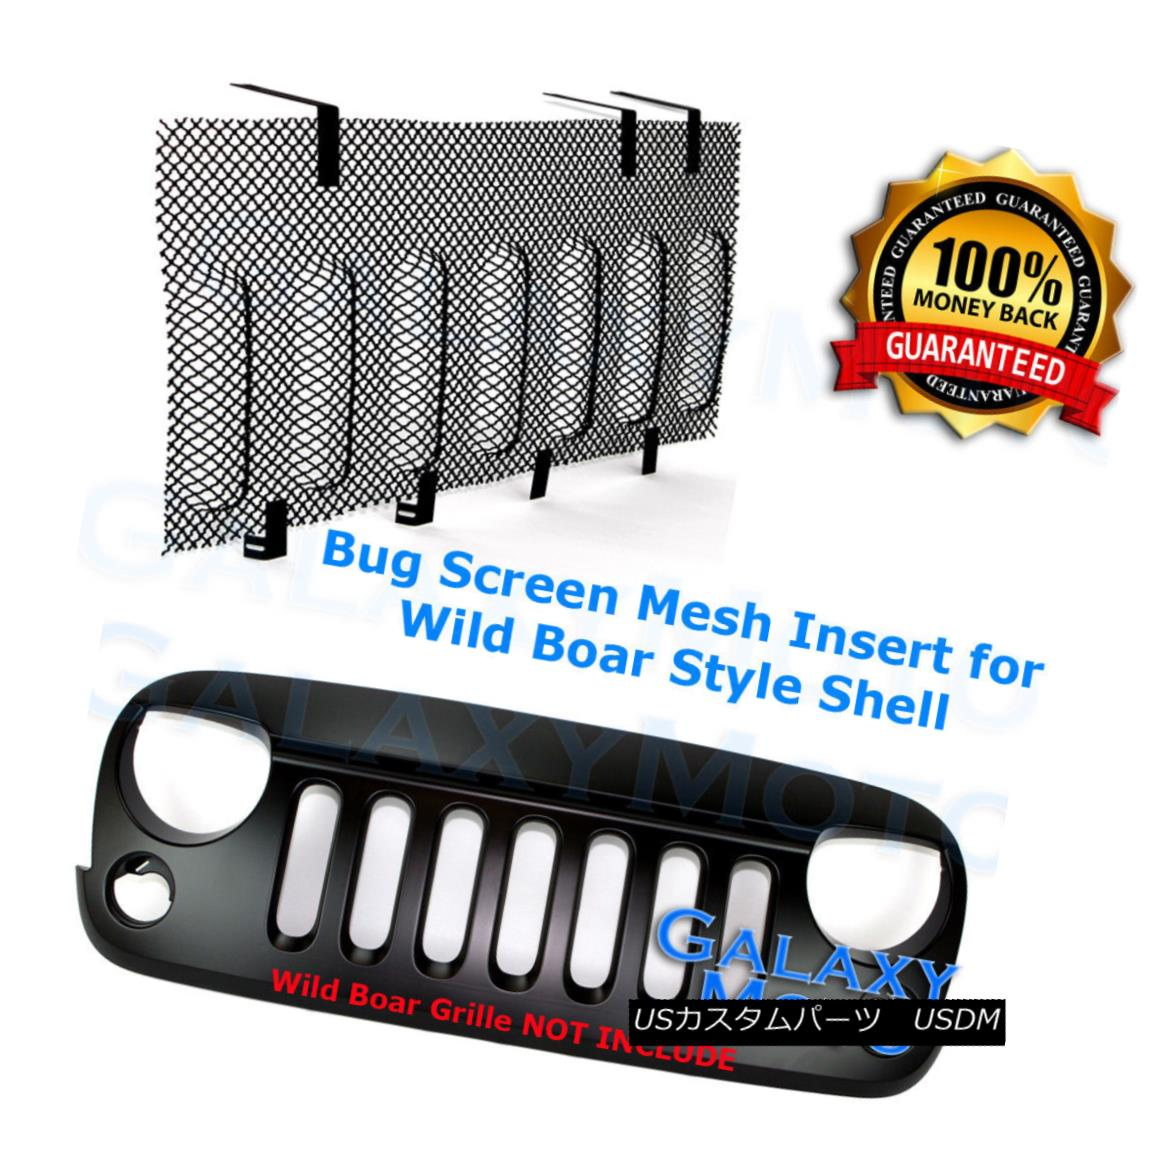 グリル Bug Screen SS Mesh Grille Insert for Wild Boar Style fit 07-17 Jeep Wrangler JK 野生の猪スタイルのフィットのバグスクリーンSSメッシュグリルインサート07-17ジープラングラーJK